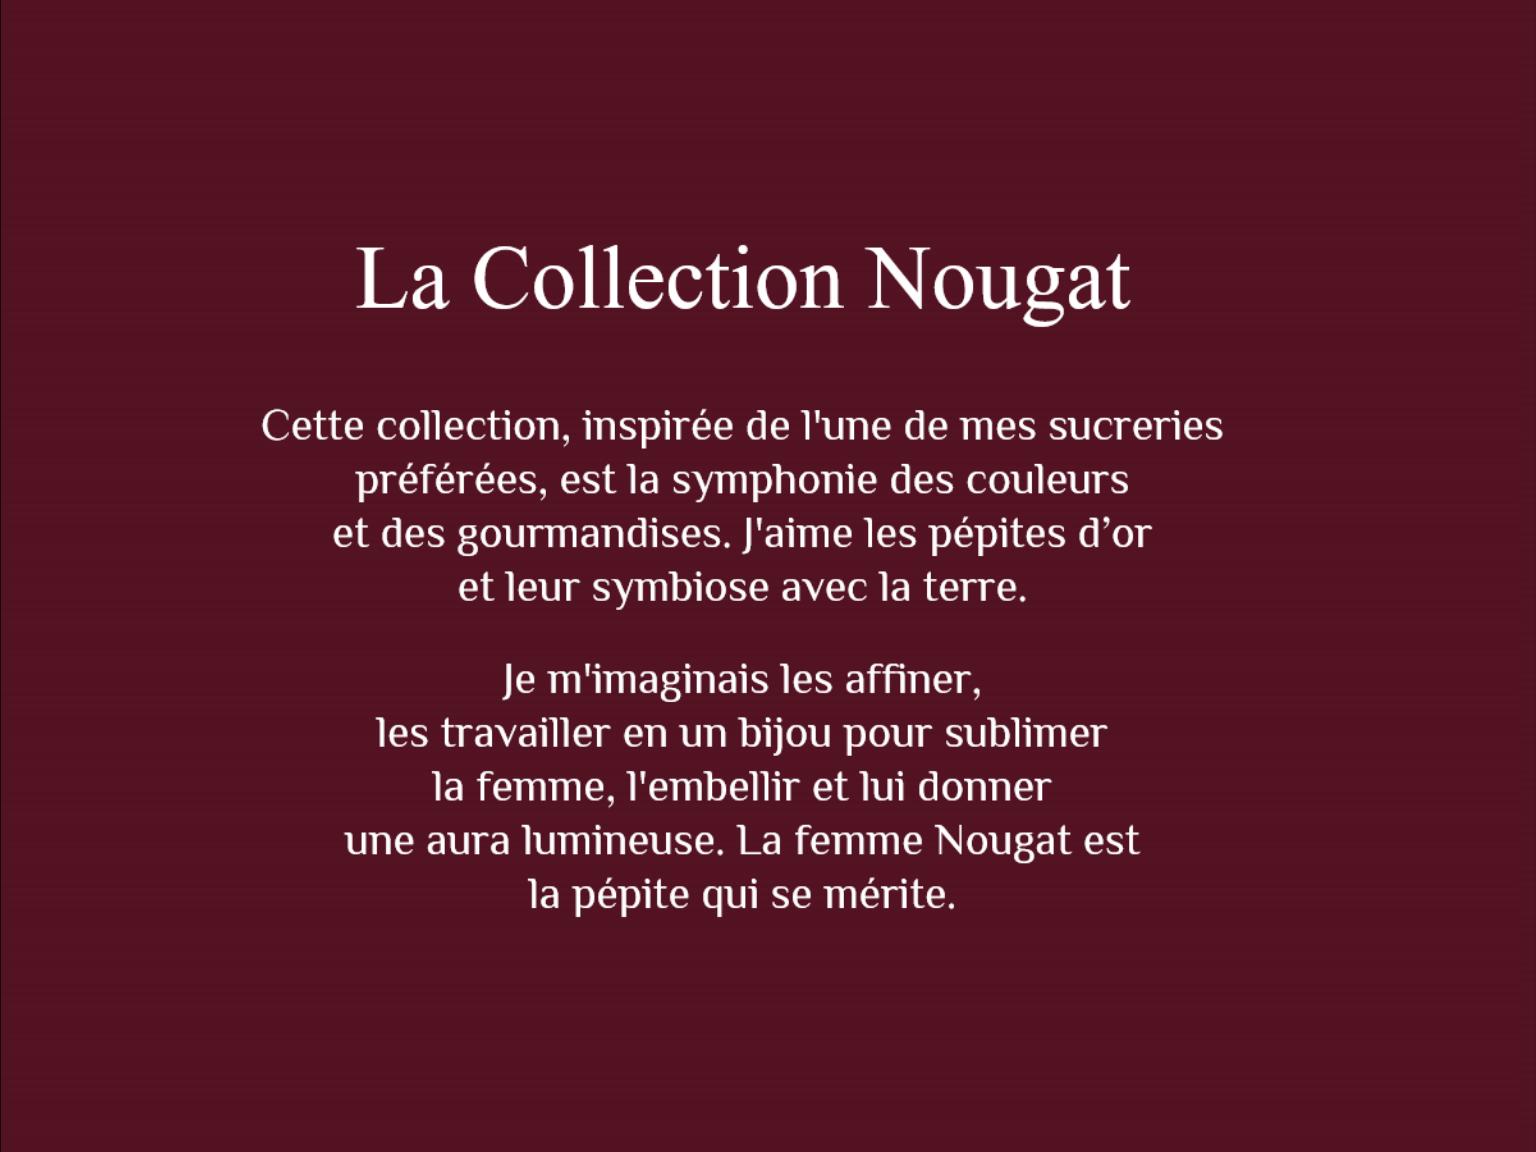 La collection nougat 16